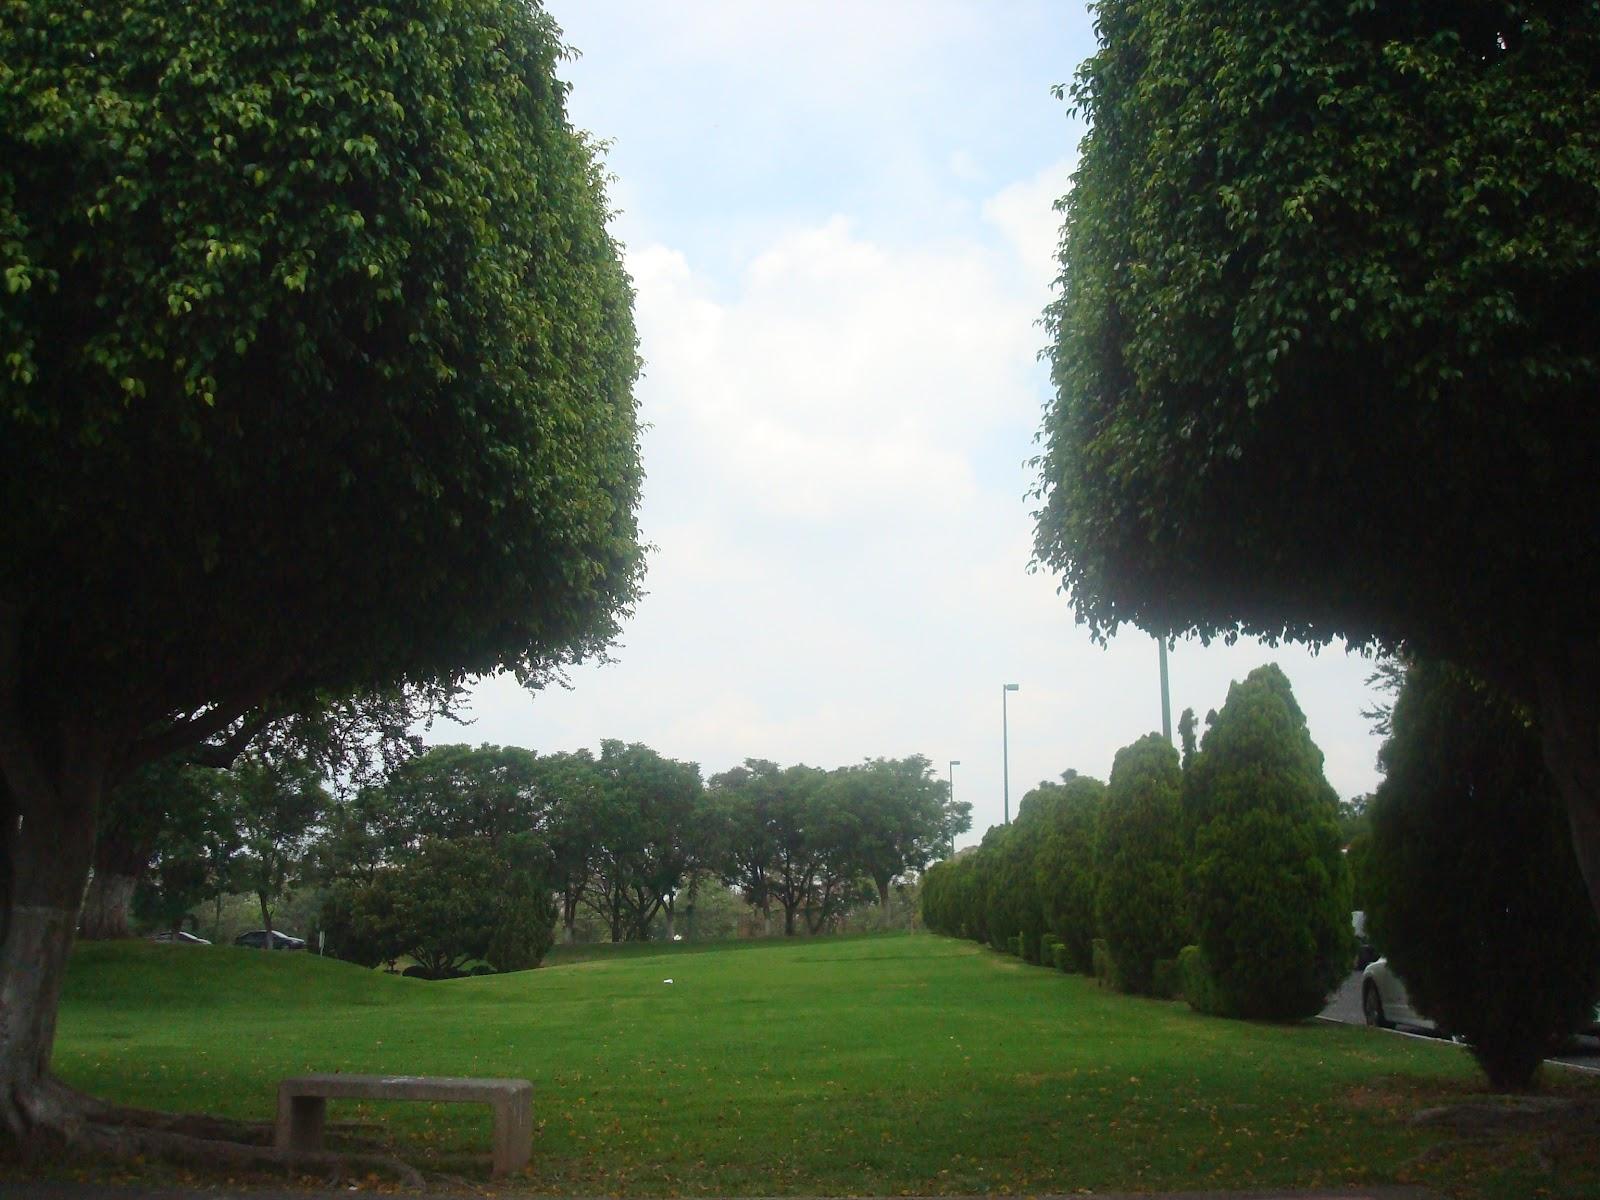 Sancarlosfortin jardin de pinos for Pinos para jardin